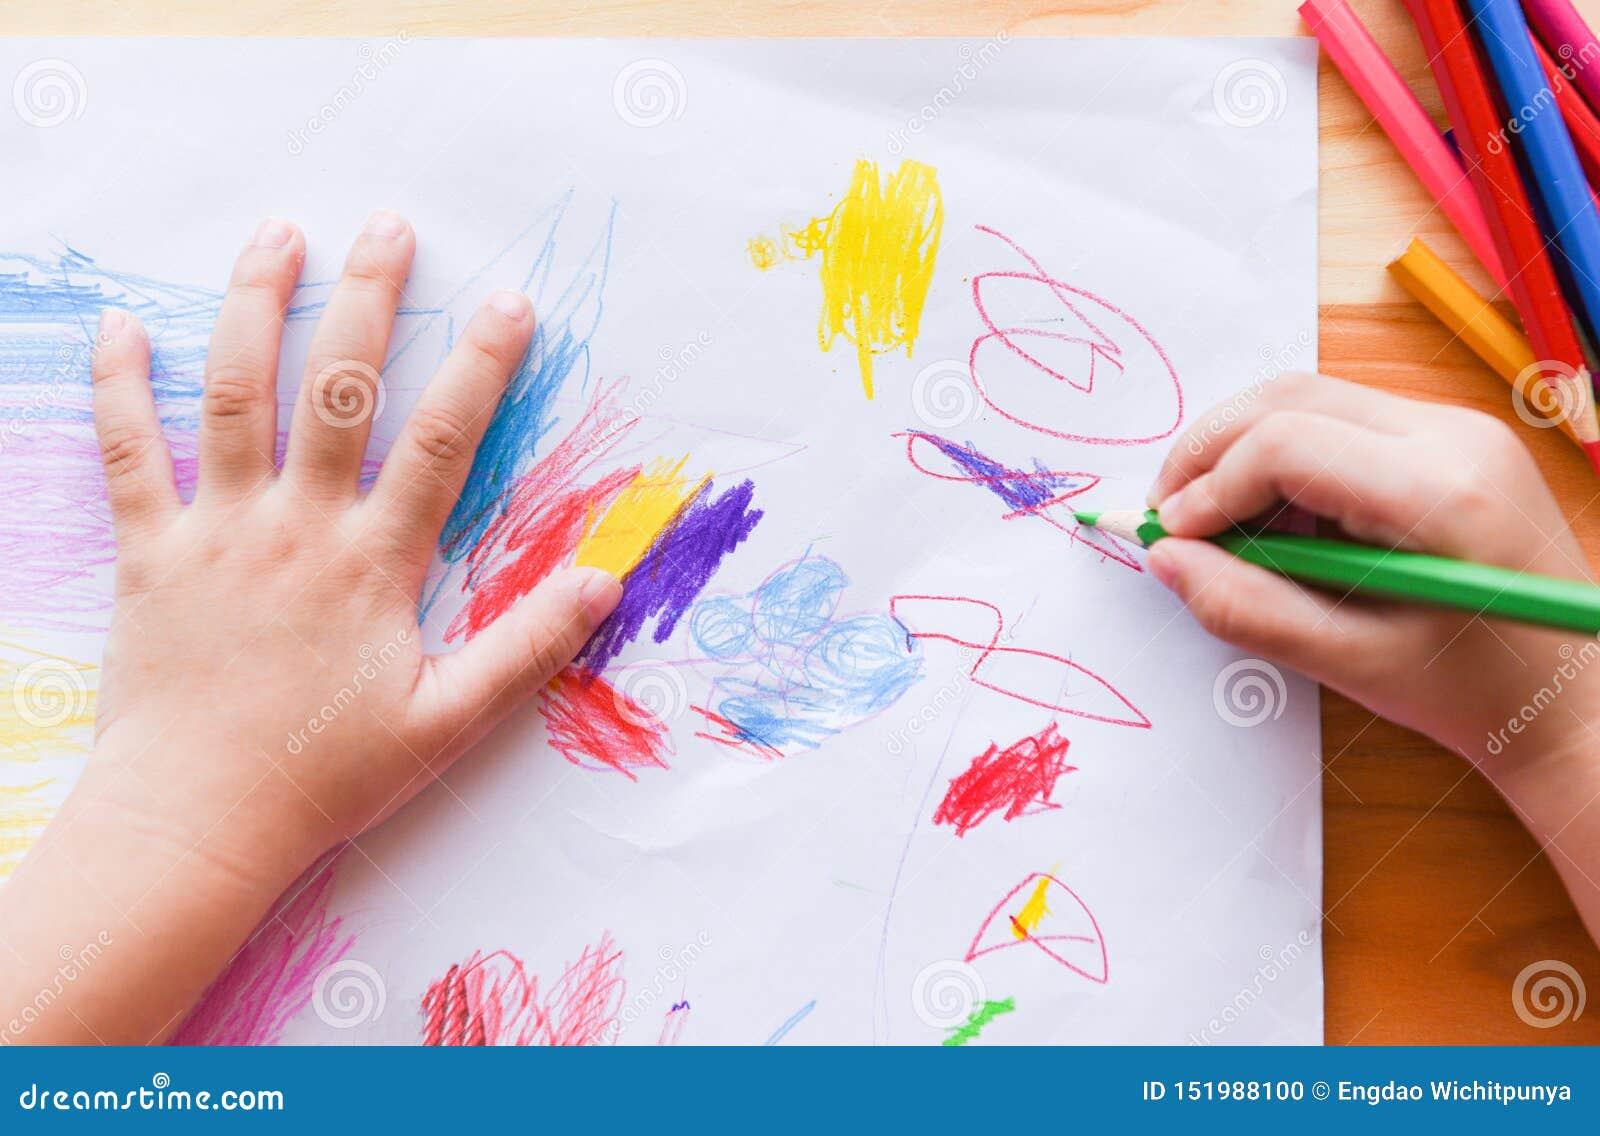 Meisje het schilderen op document blad met kleurenpotloden op de houten lijst thuis - kindjong geitje die tekeningsbeeld en kleur